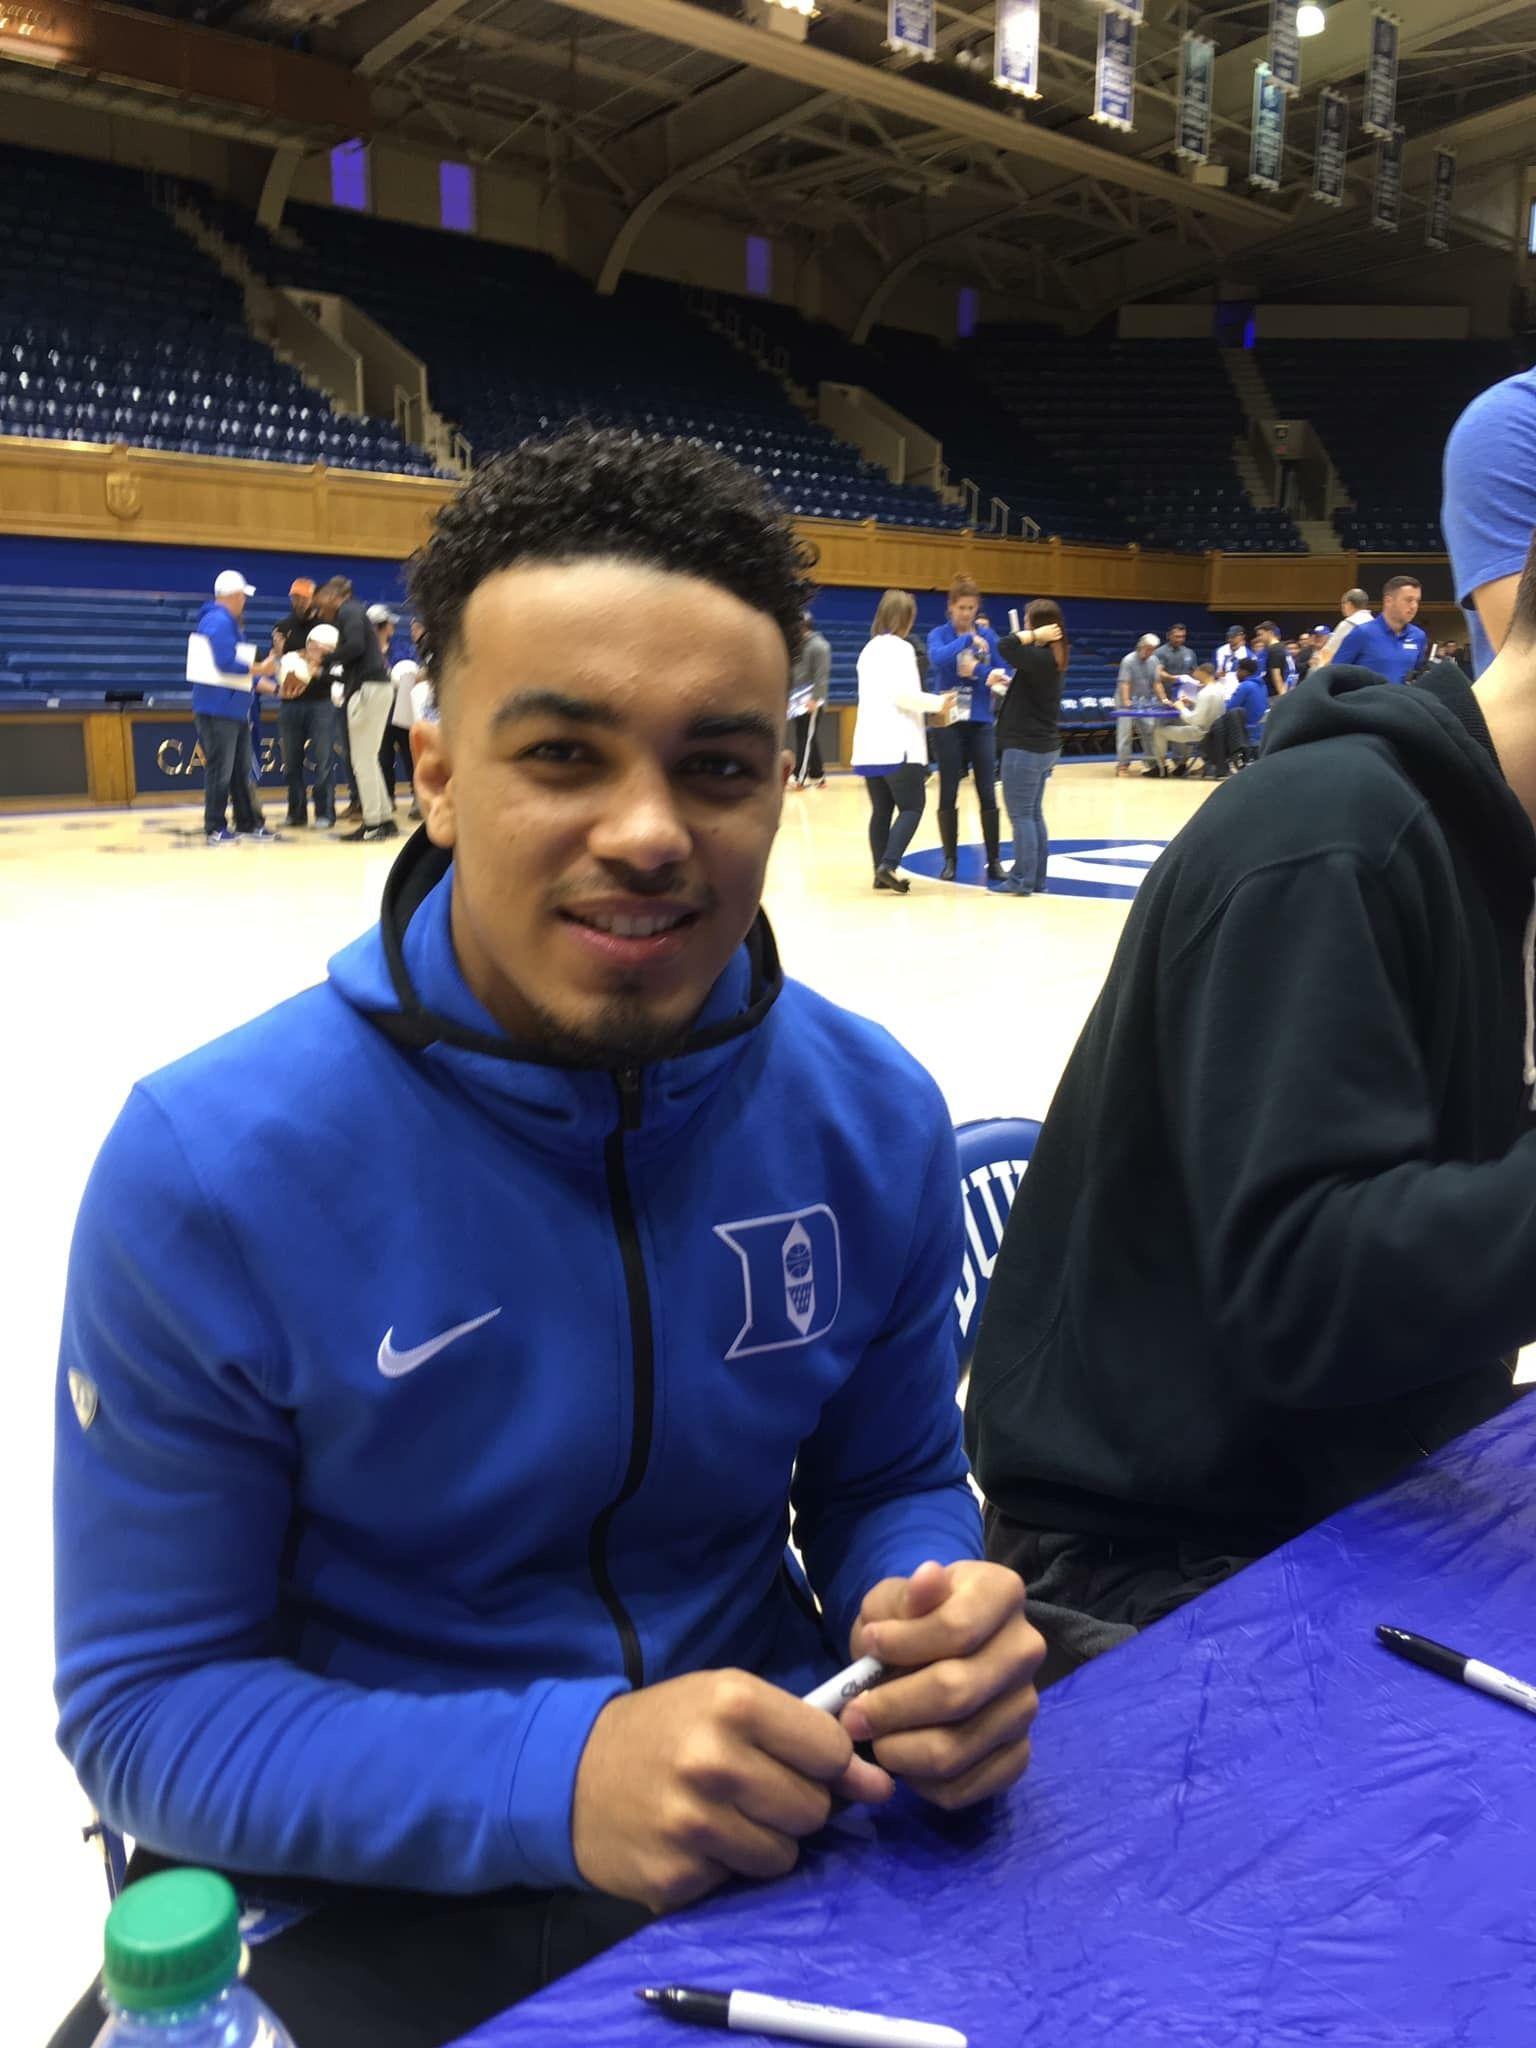 Tre Jones autograft day 2018 Duke basketball, Duke blue